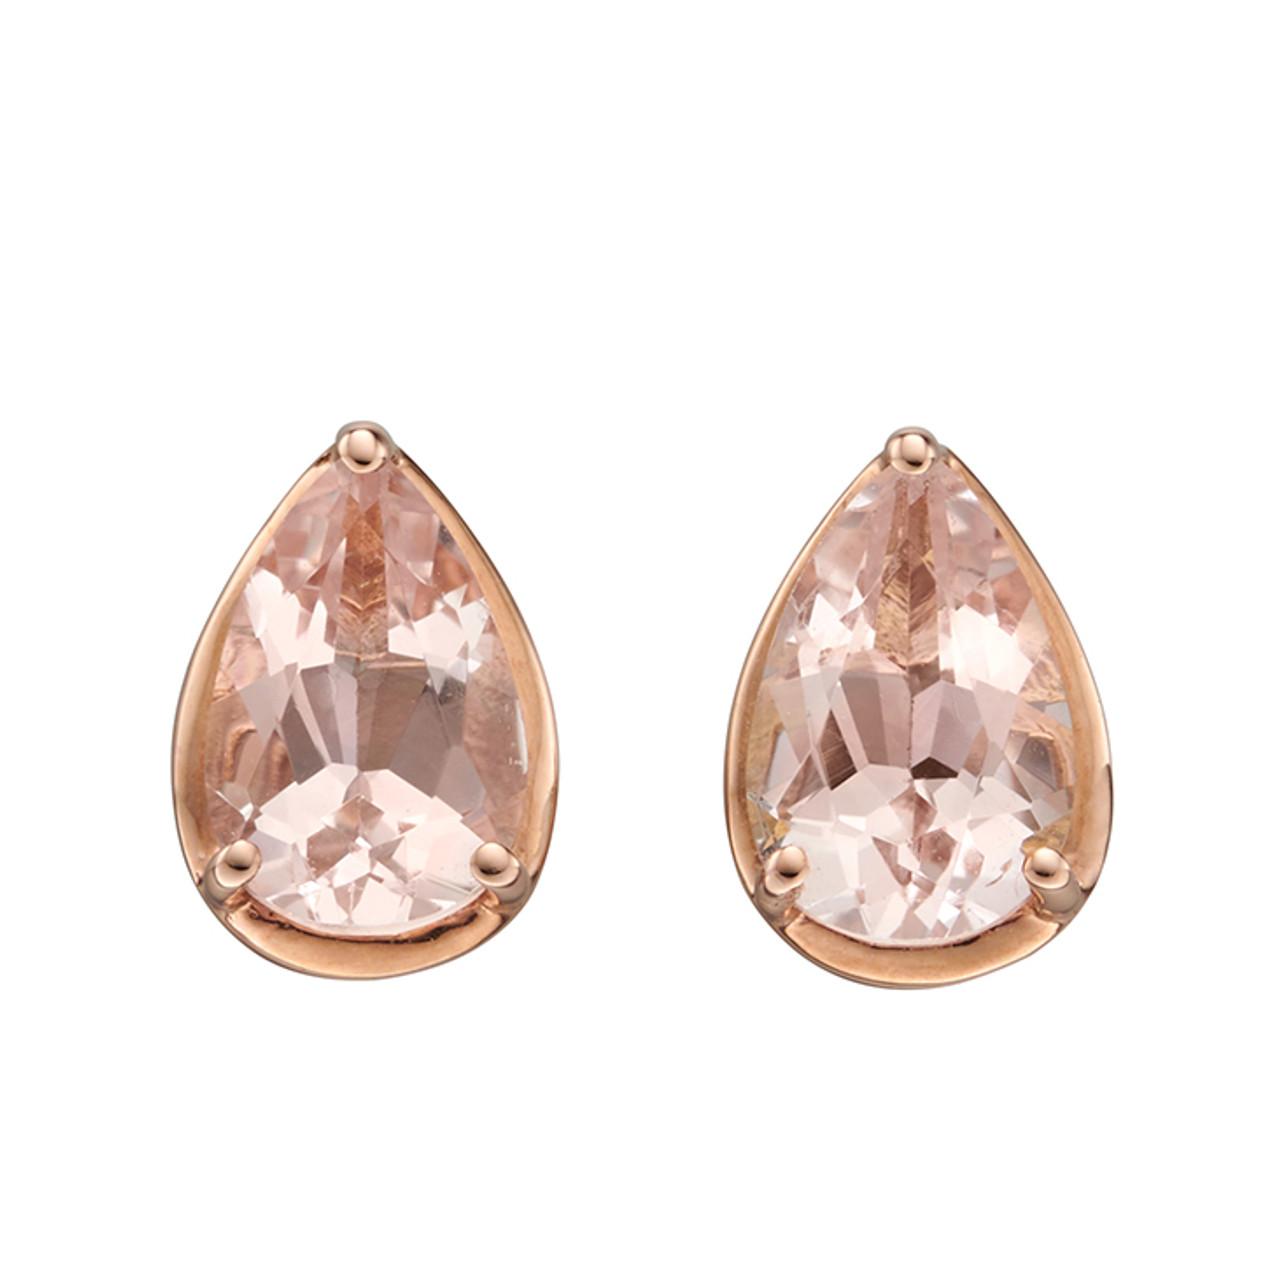 9ct Rose Gold & Morganite Stud Earrings